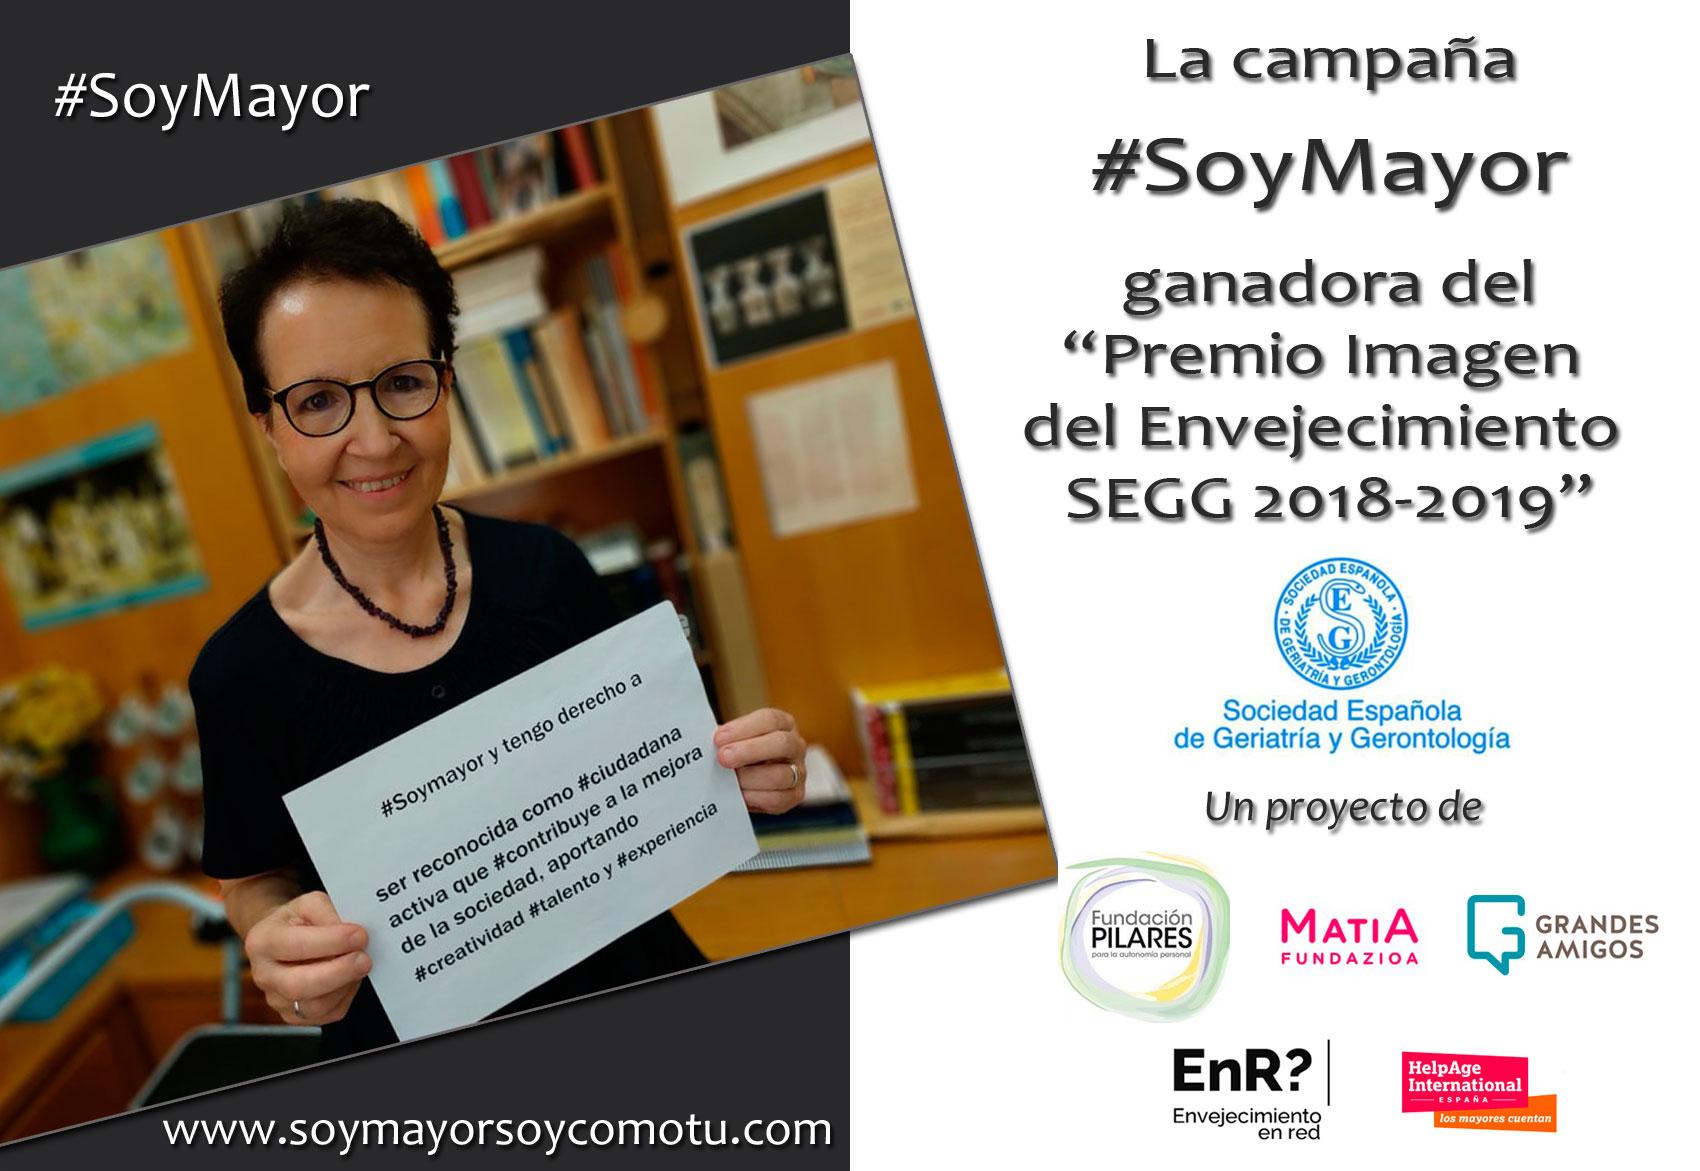 #SoyMayor: campaña por el 1 de octubre, Día Internacional de las Personas Mayores